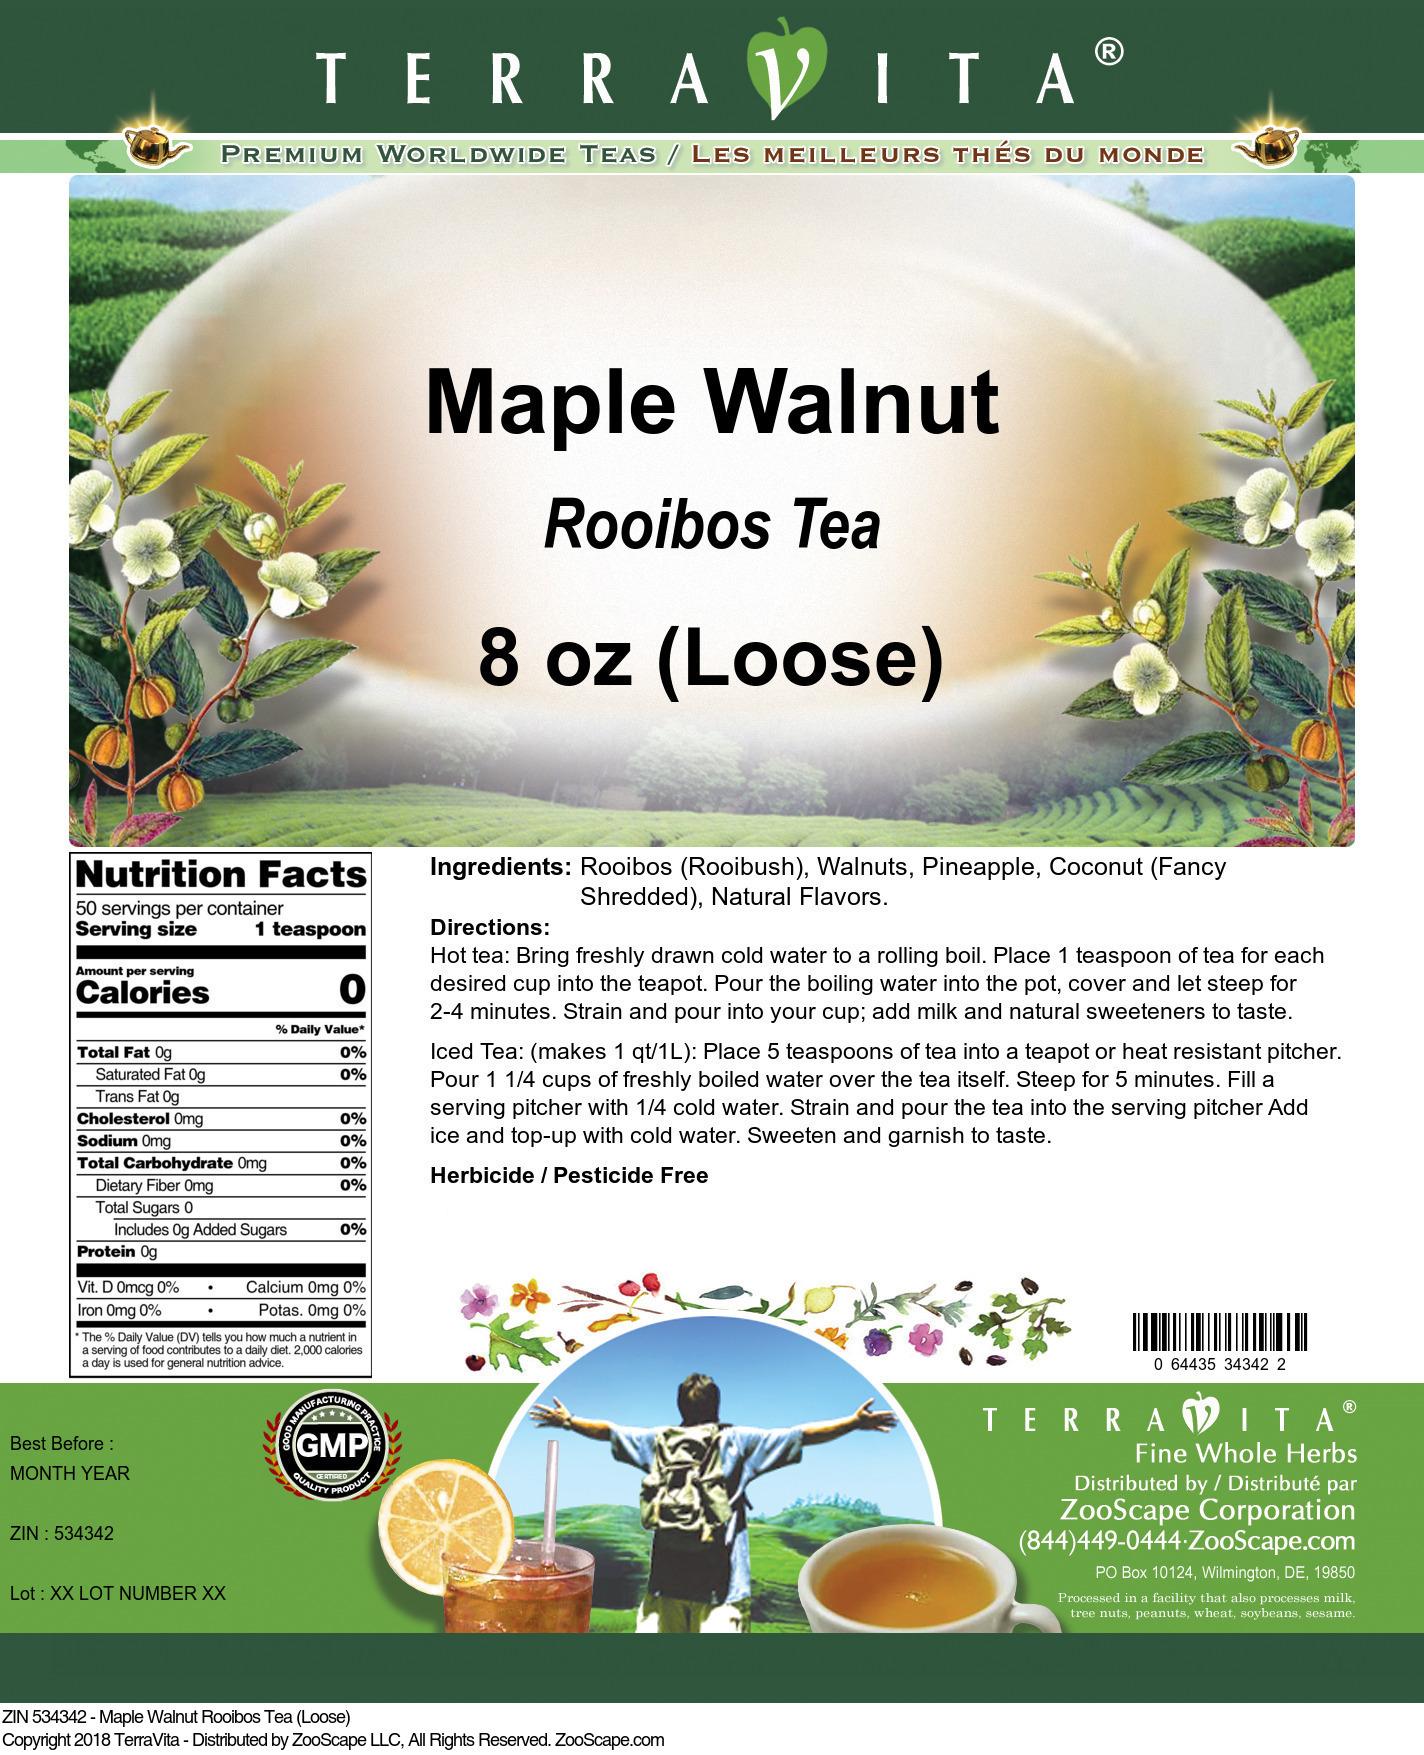 Maple Walnut Rooibos Tea (Loose)